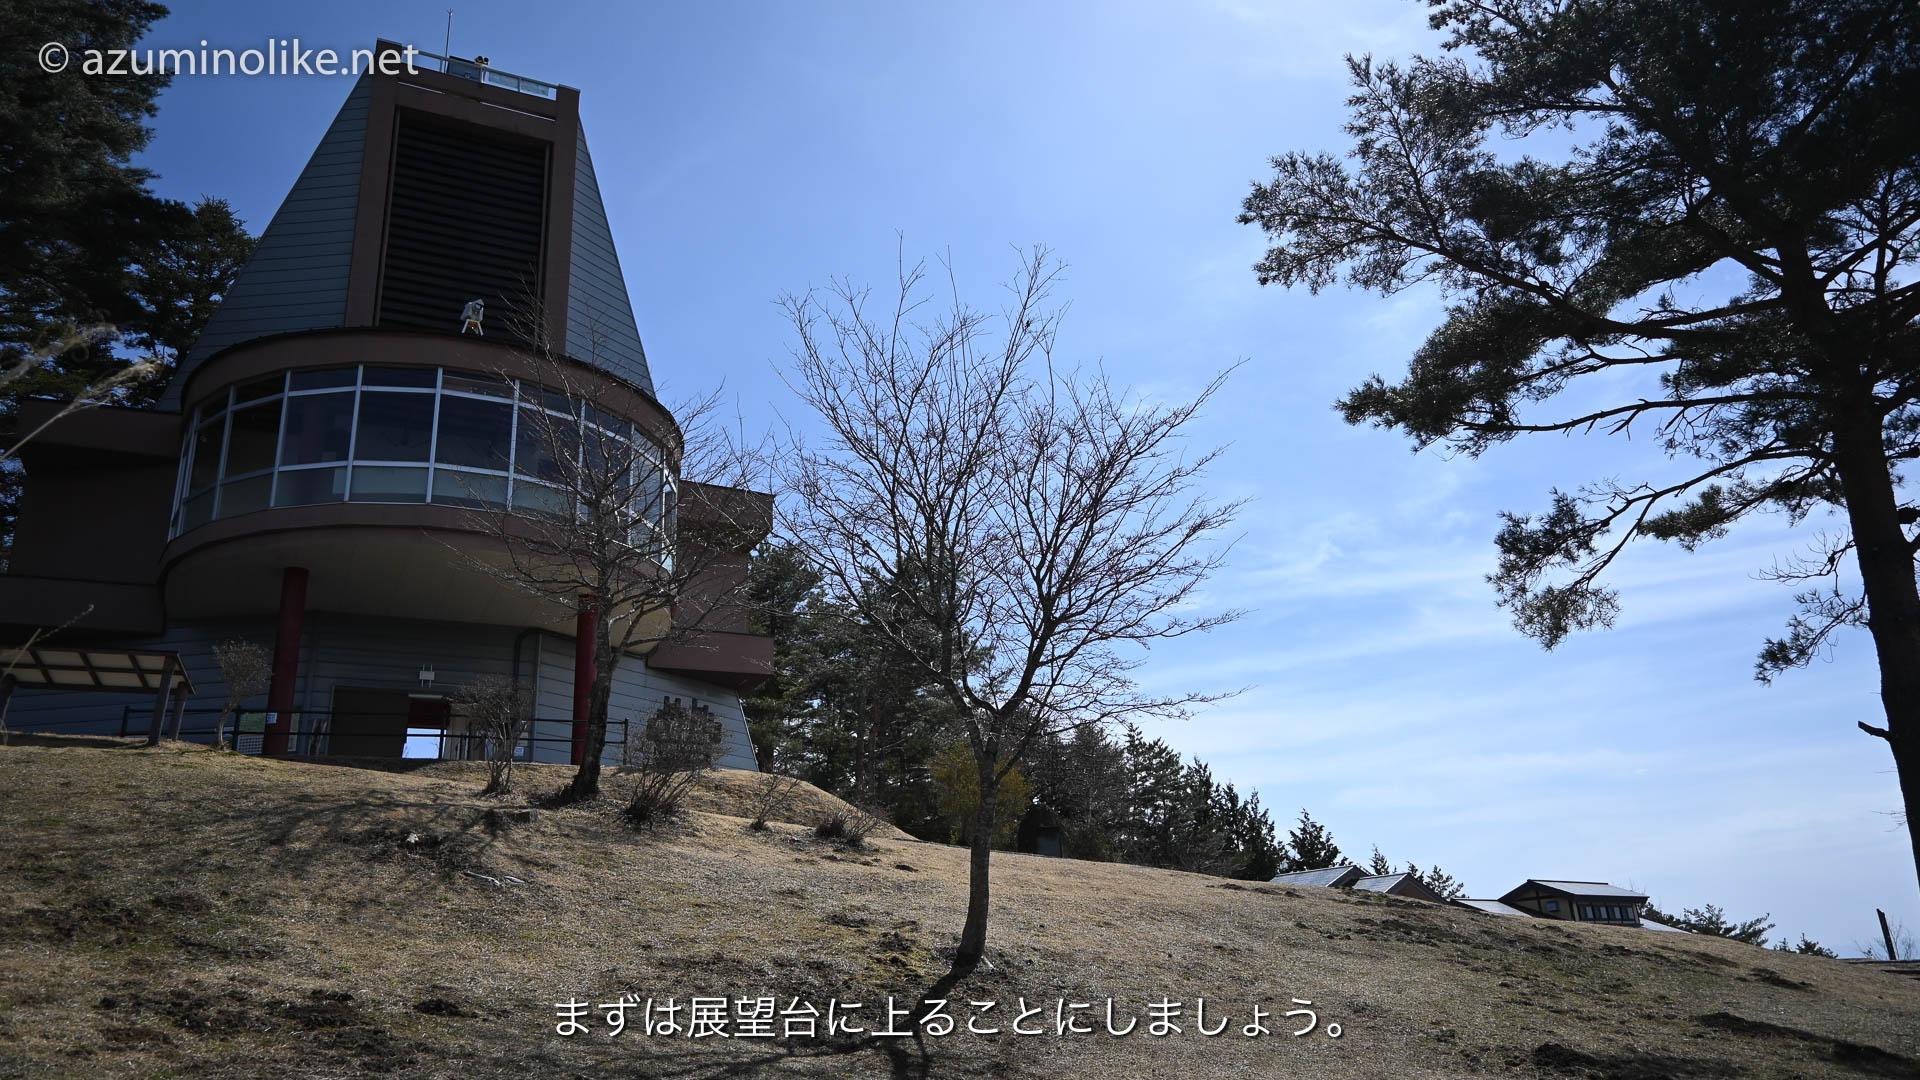 takagari321_ページ_10